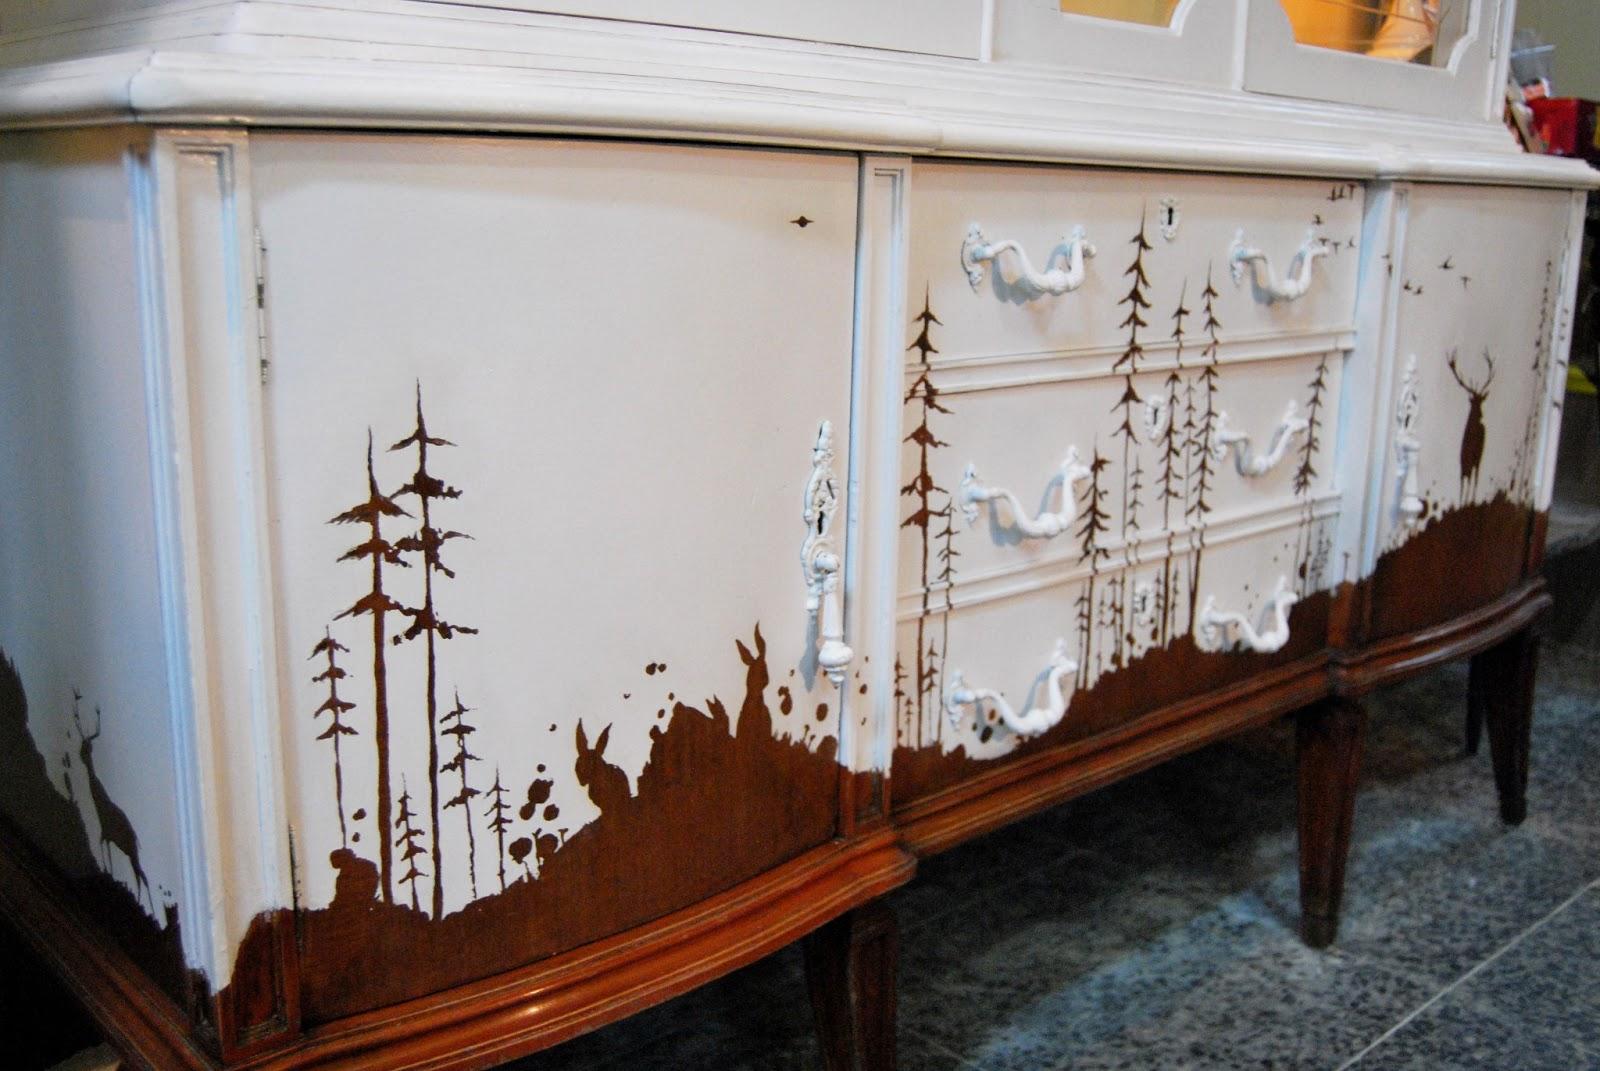 Muebles personalizados buc licos la tapicera - Mueble pintado a mano ...